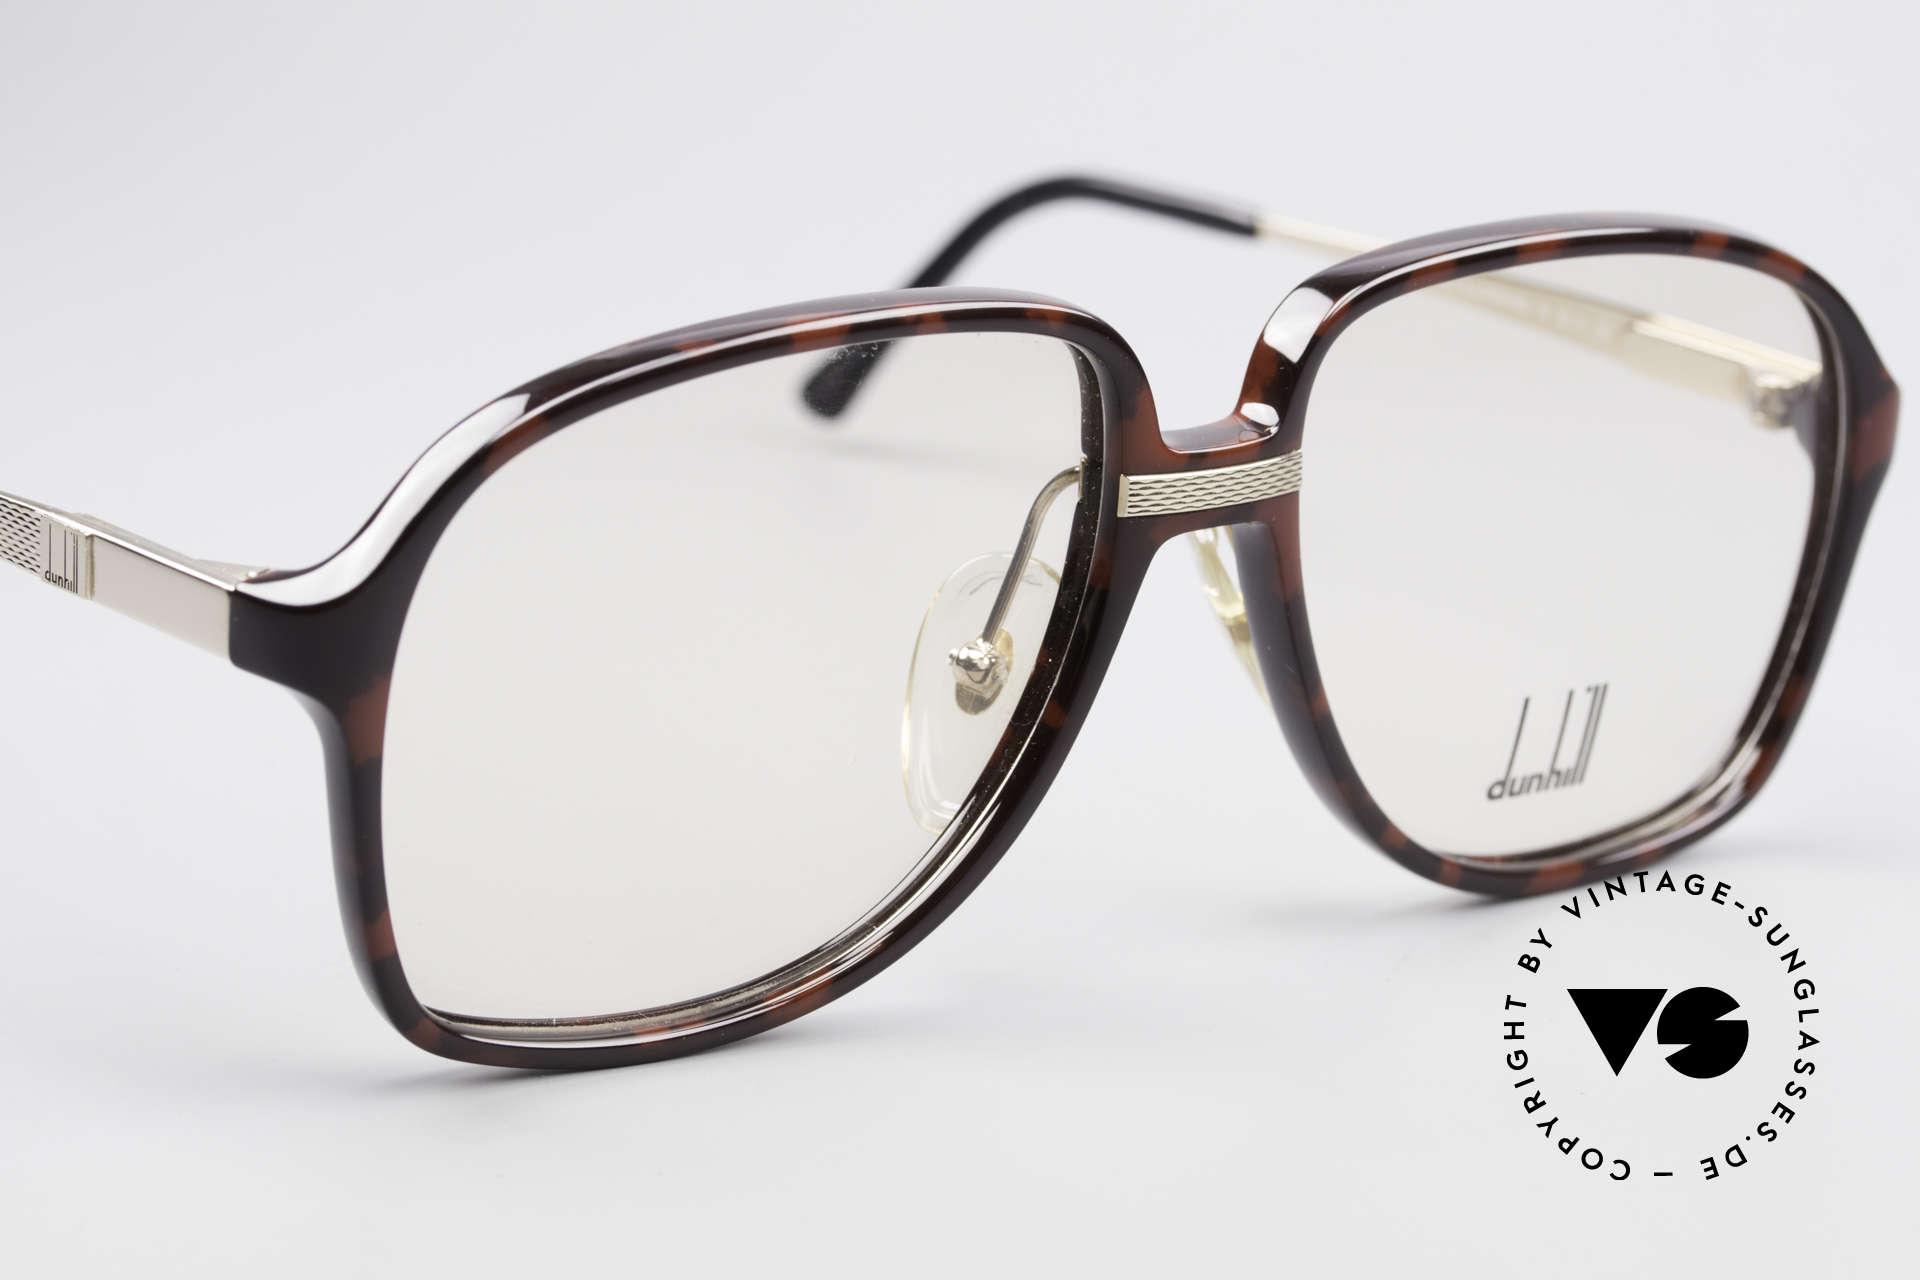 Dunhill 6053 80's Vintage Eyeglasses Men, never worn (like all our vintage Dunhill eyeglasses), Made for Men